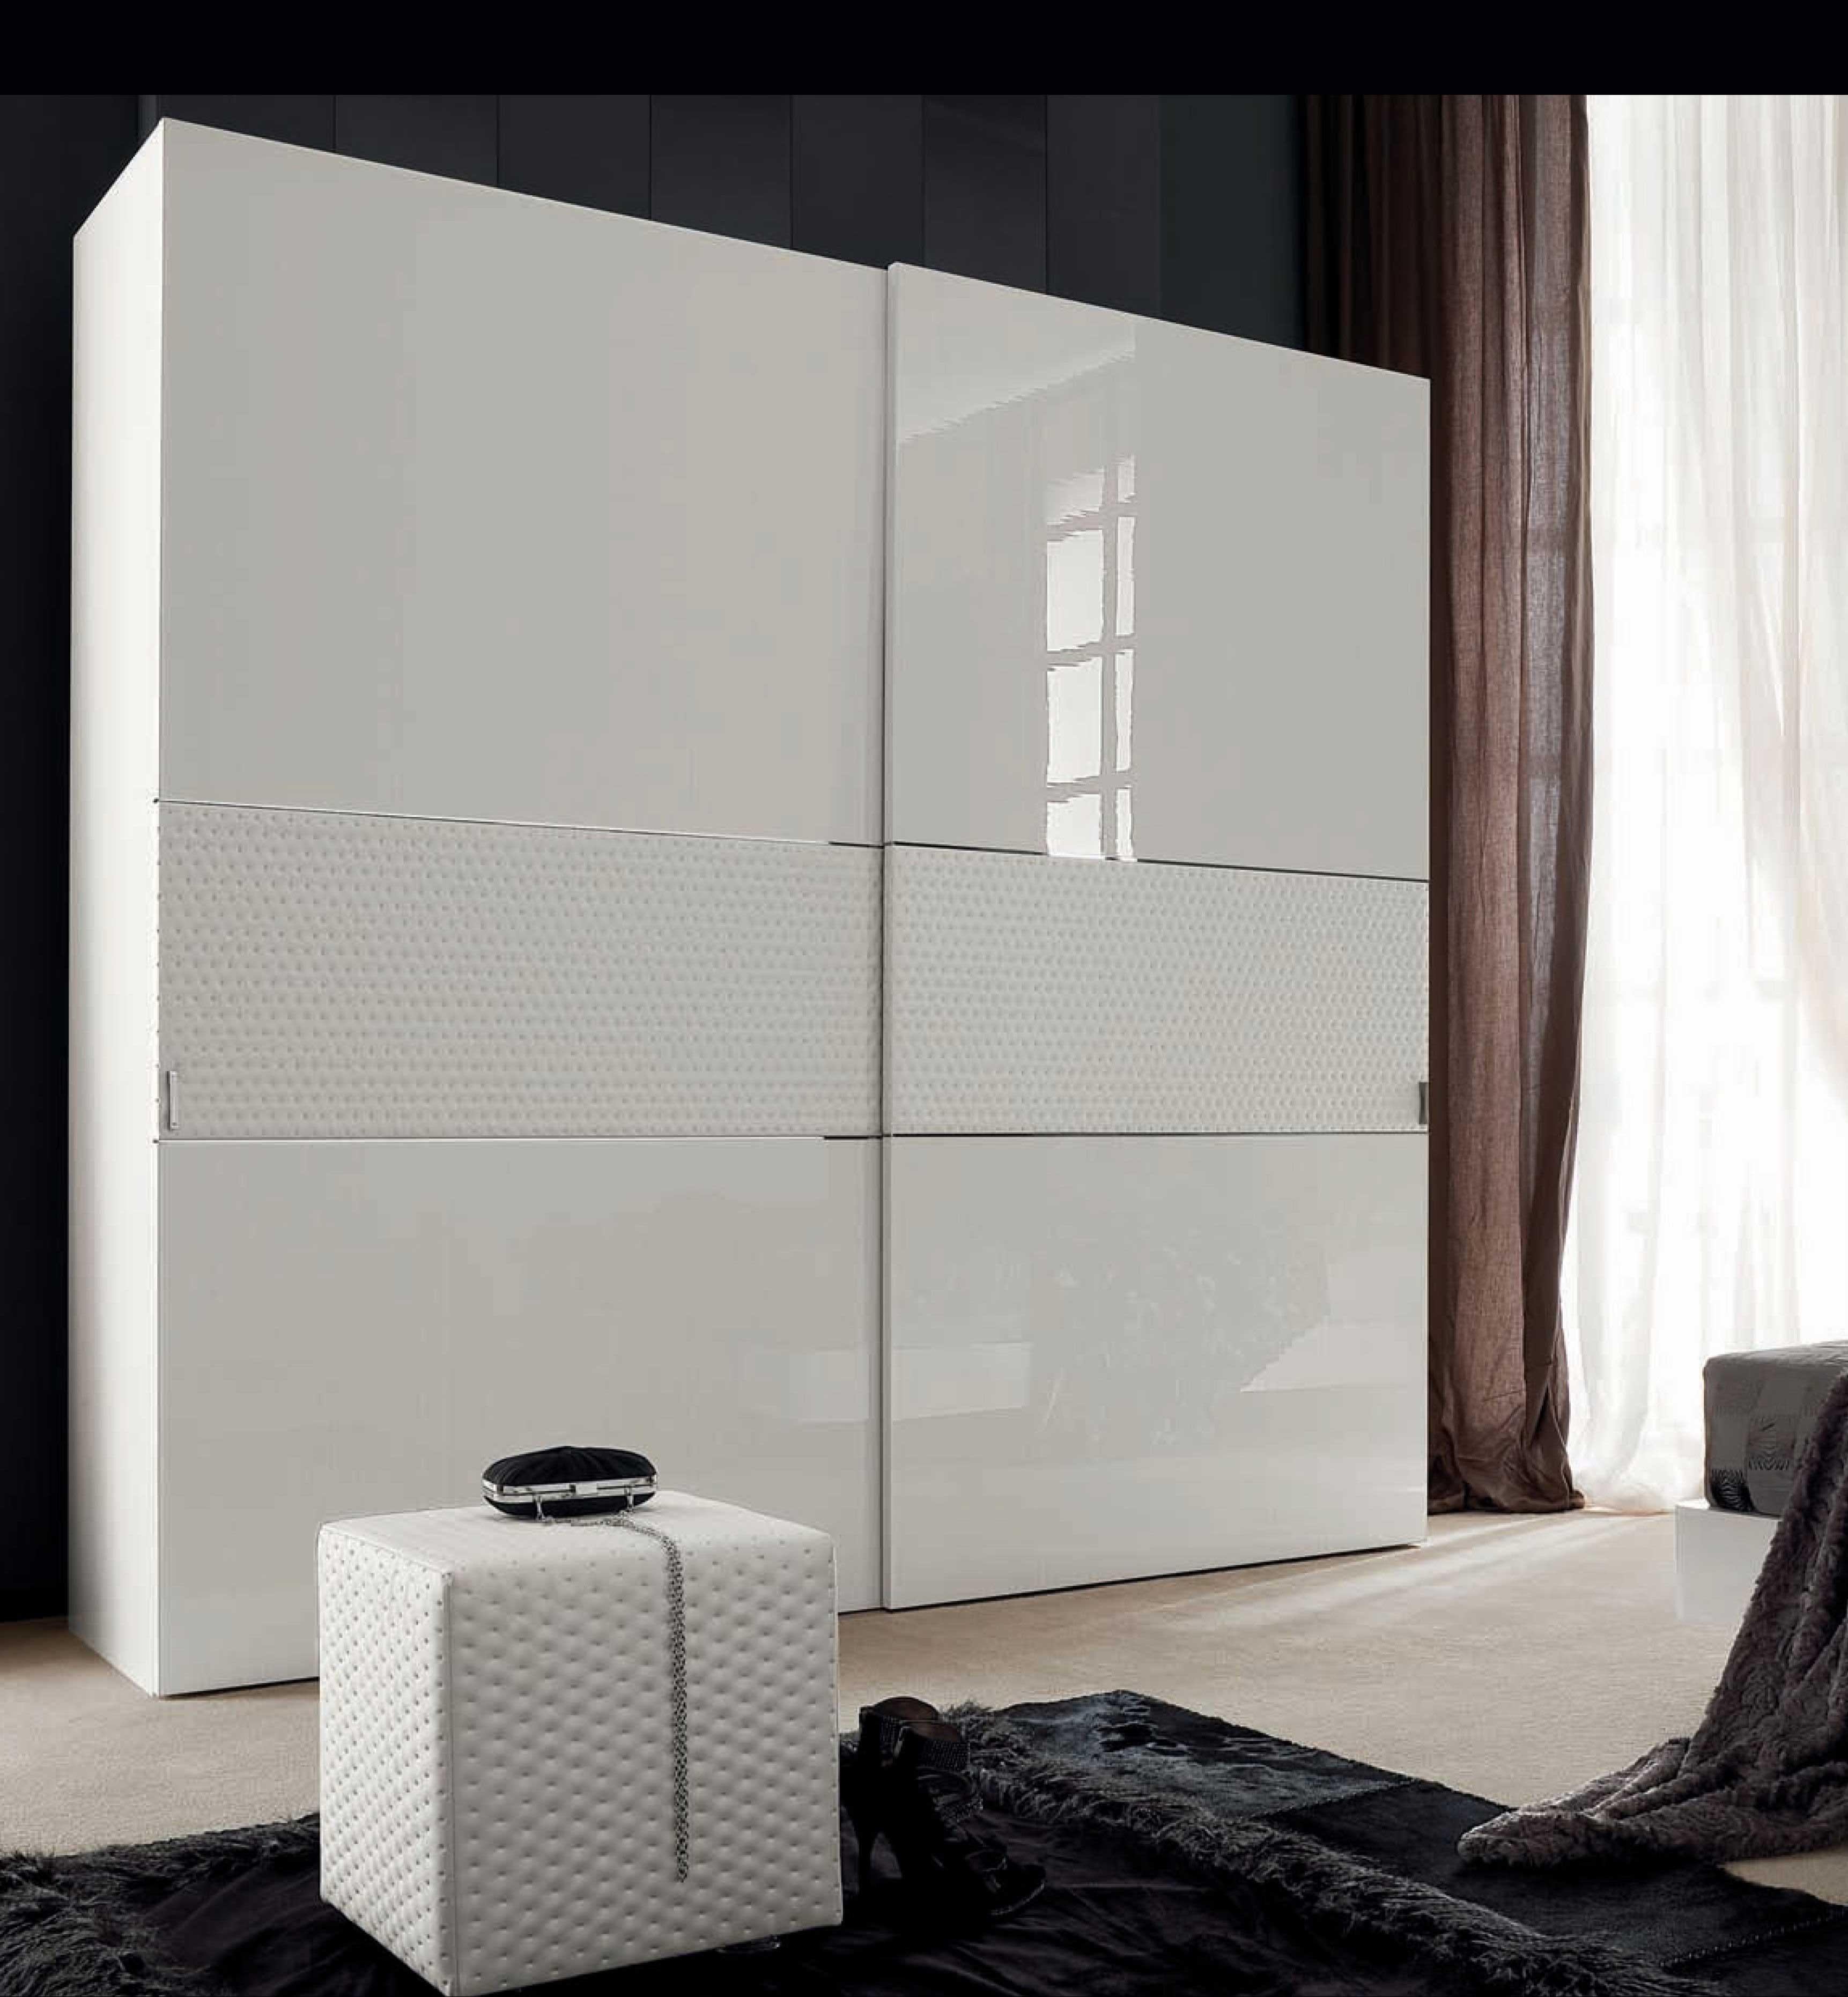 camere da letto moderne spar. spar pareti attrezzate camera da ... - Camera Da Letto Spar Prezzi